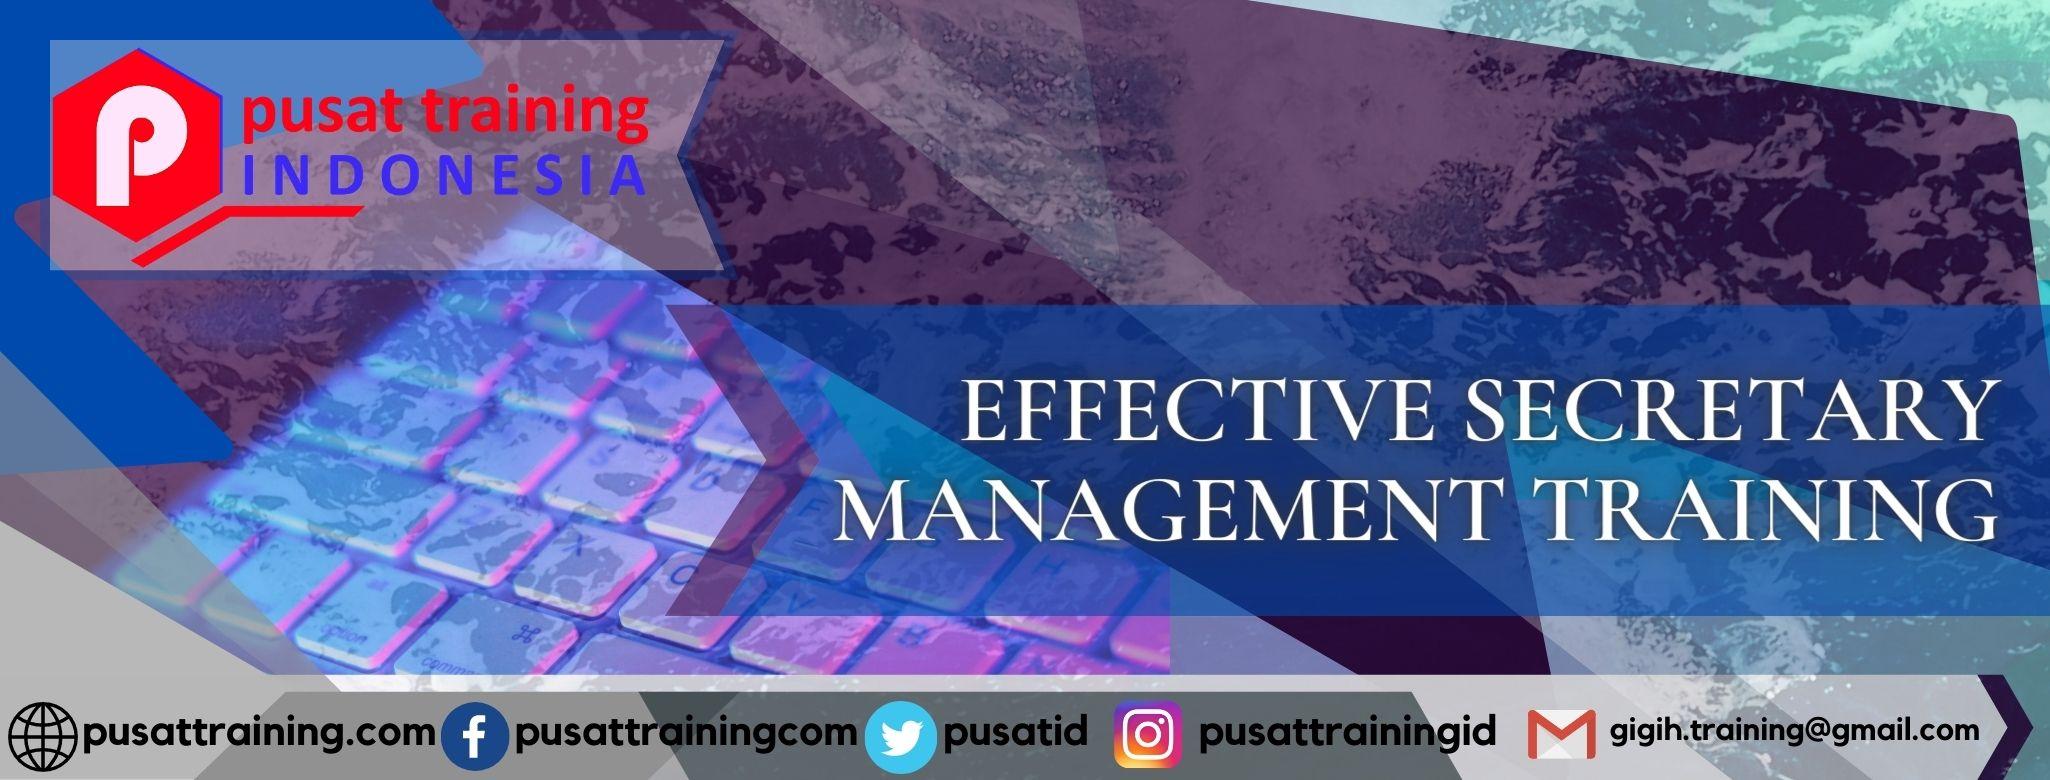 EFFECTIVE SECRETARY MANAGEMENT TRAINING